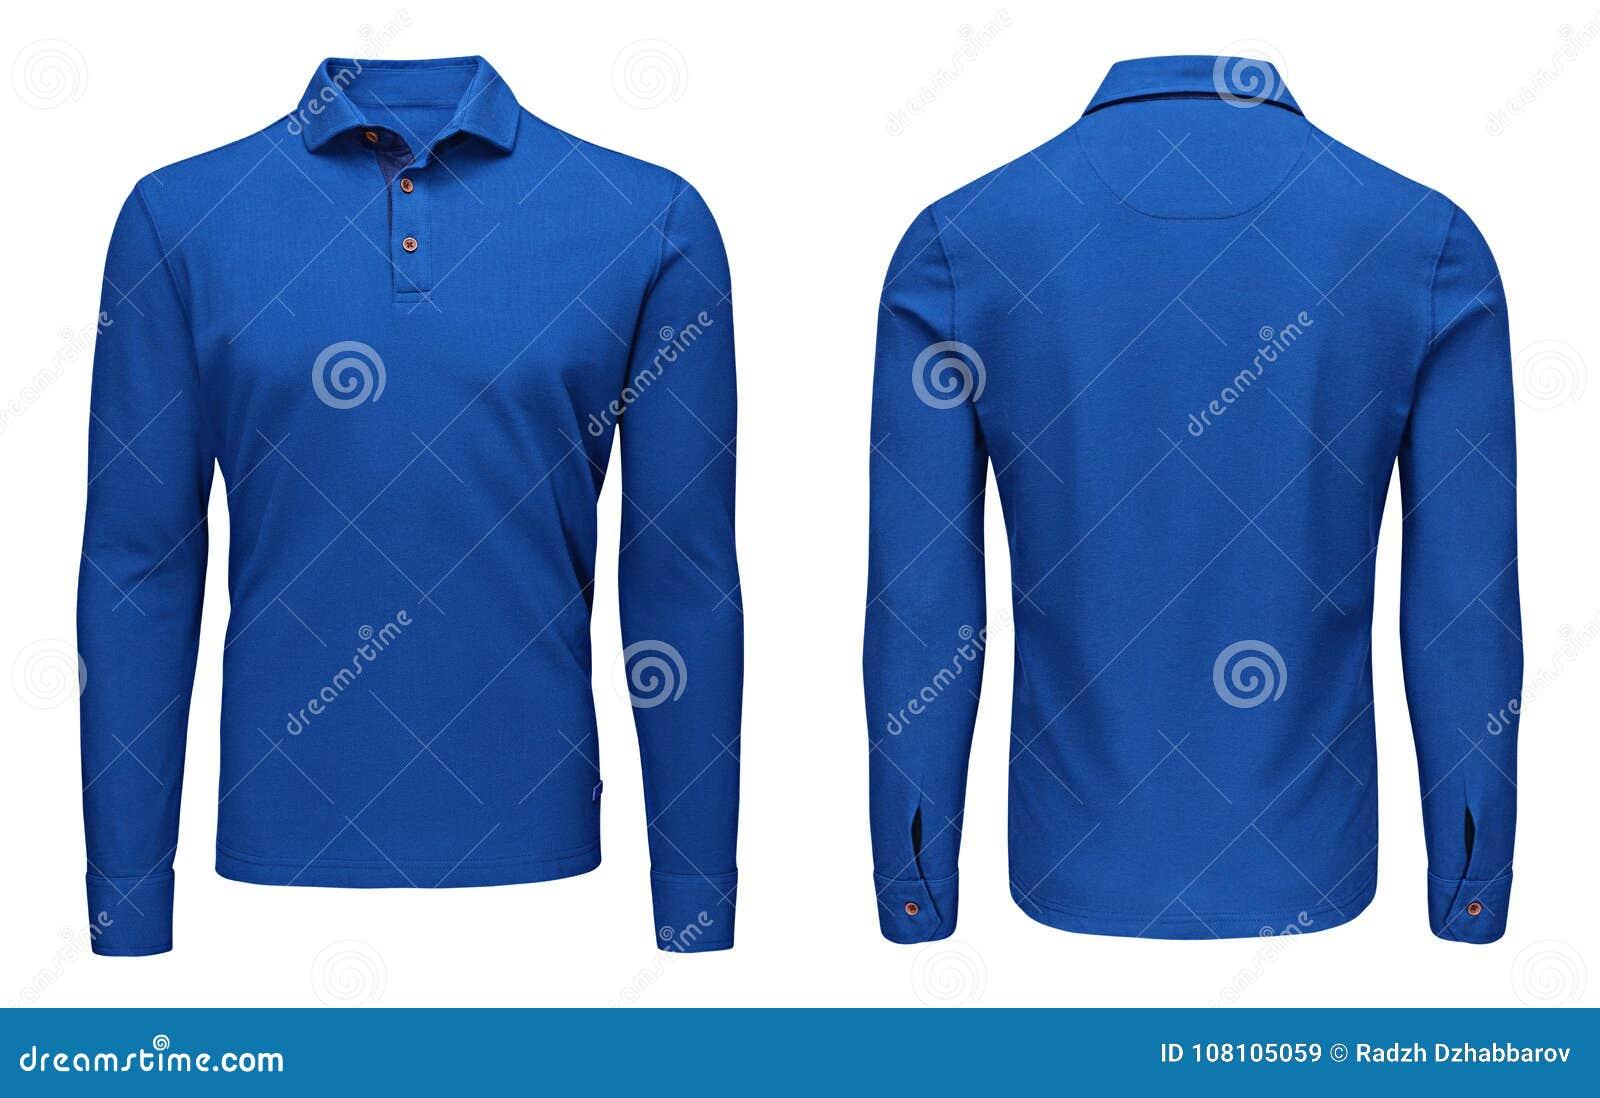 Рукав рубашки поло пустых людей шаблона голубой длинный, фронт и задний взгляд, белая предпосылка Модель-макет фуфайки дизайна дл